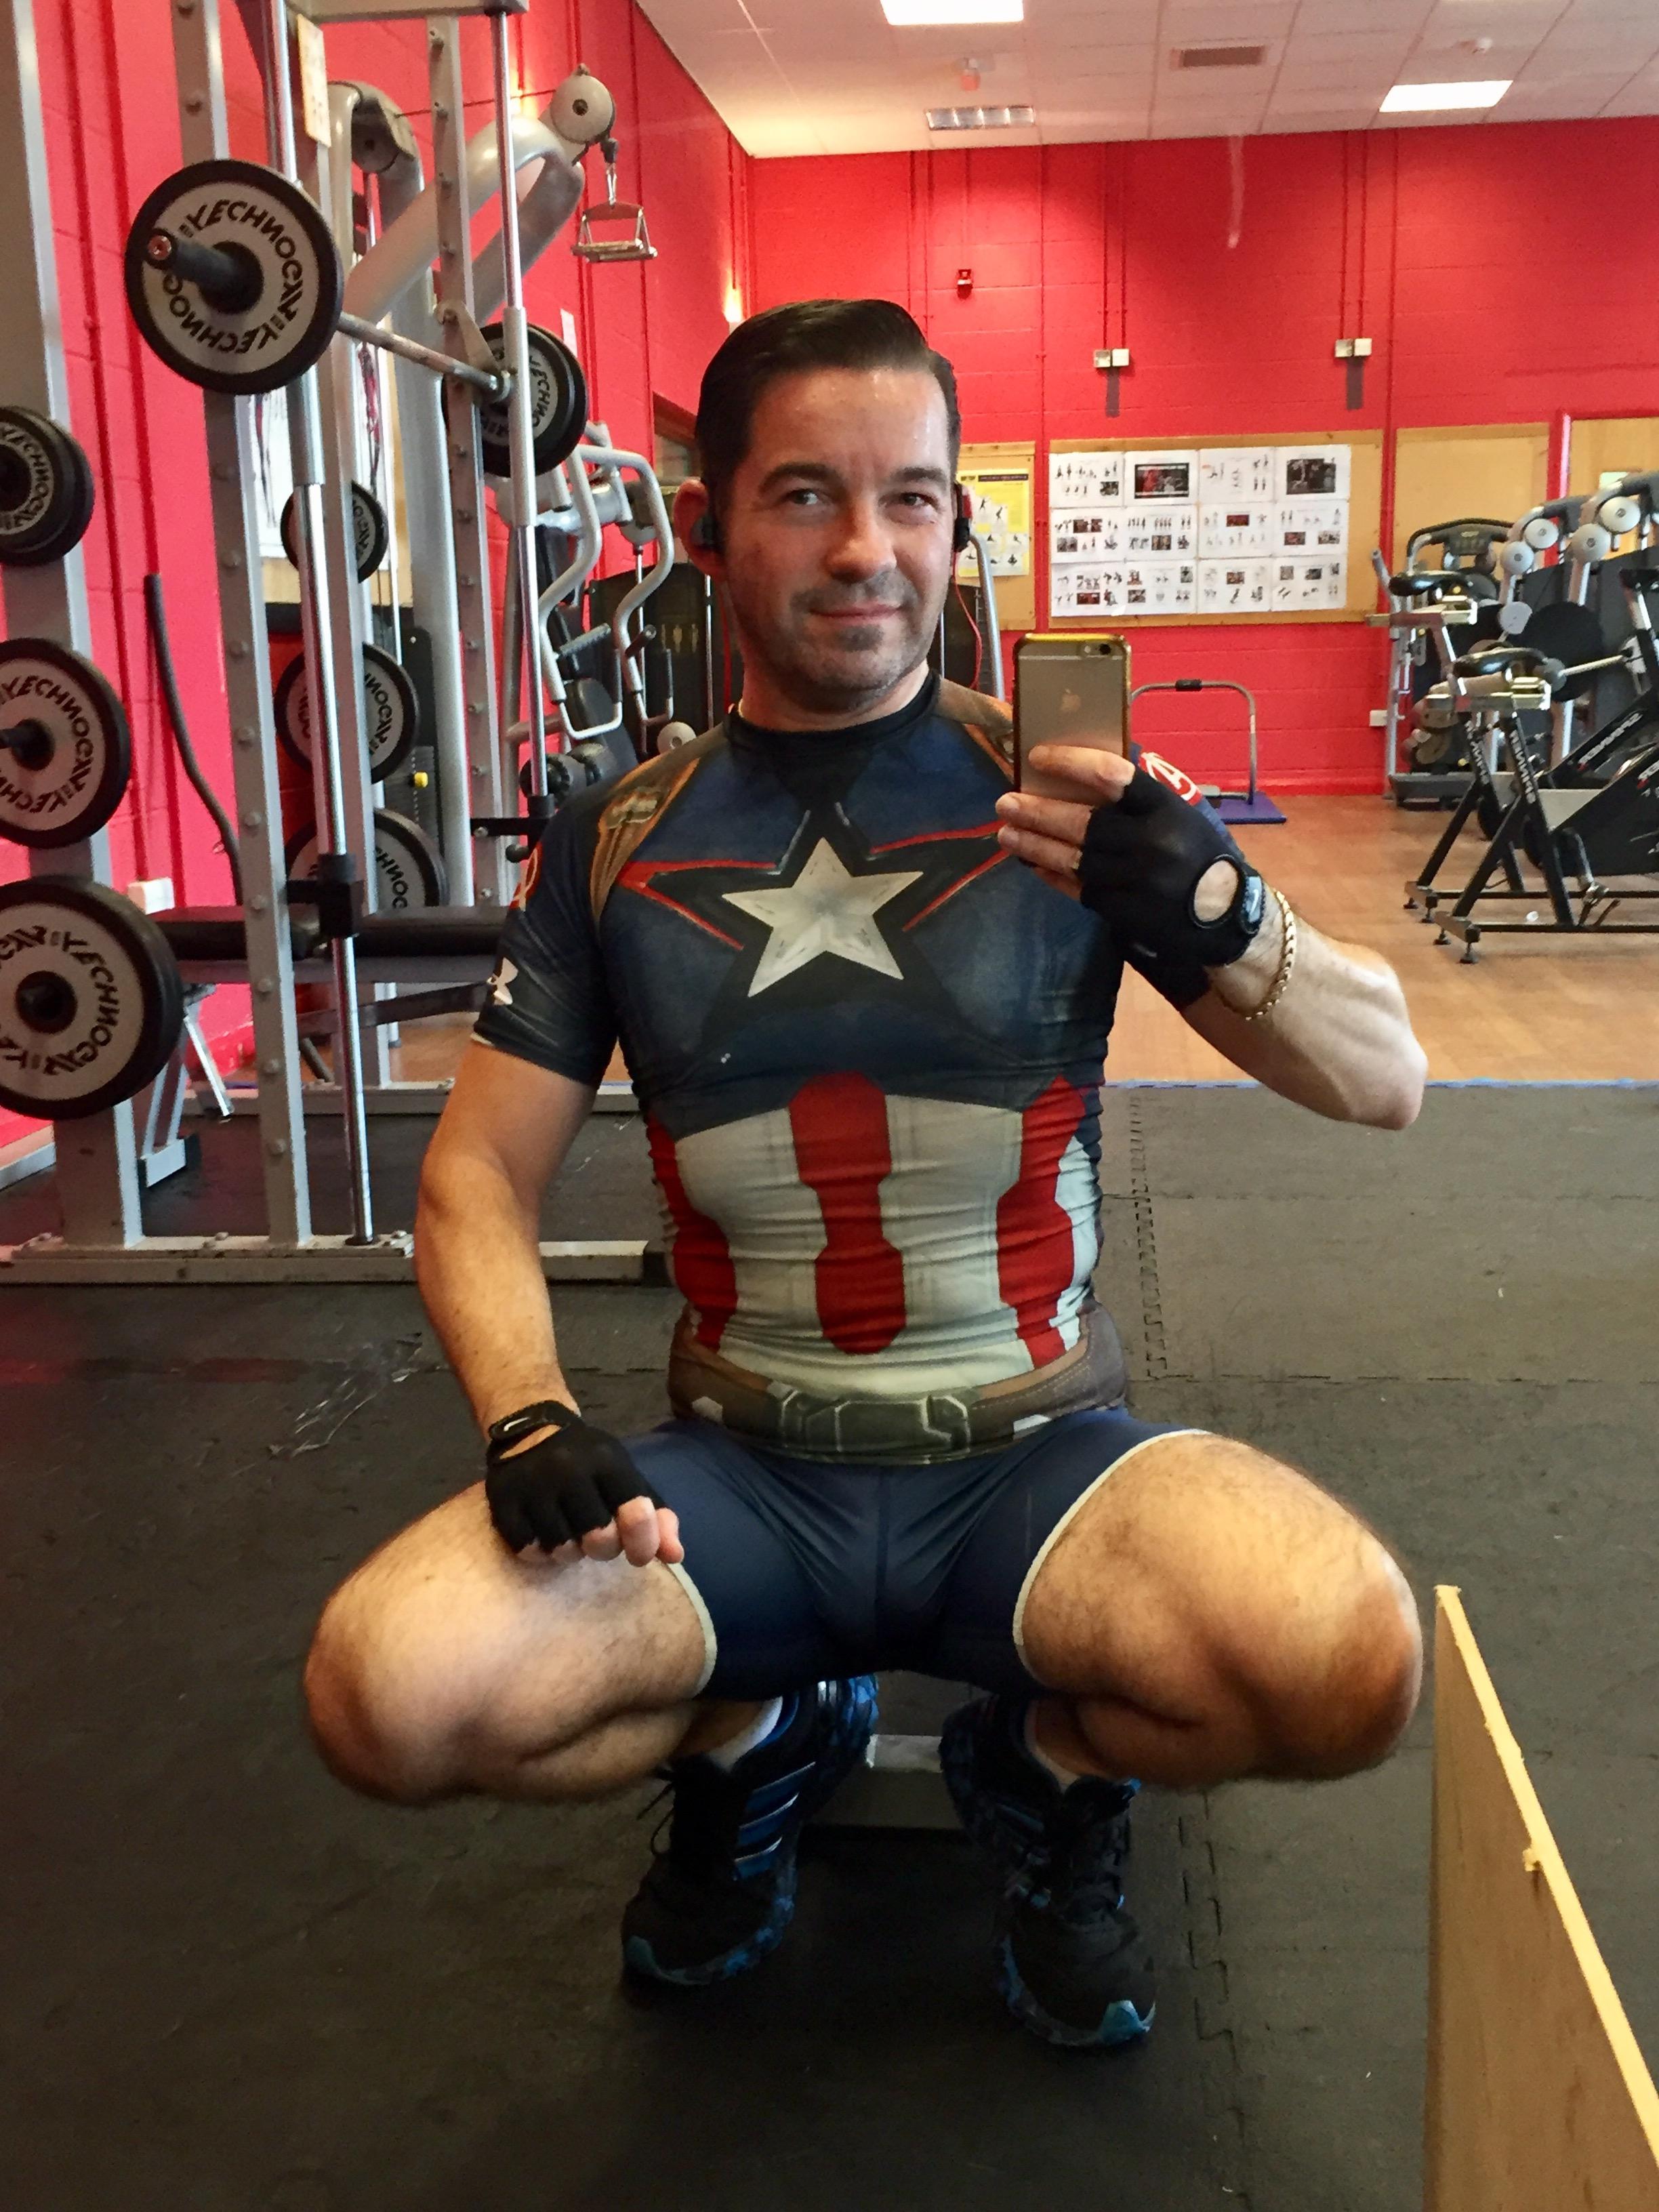 Embrace your inner Super Hero